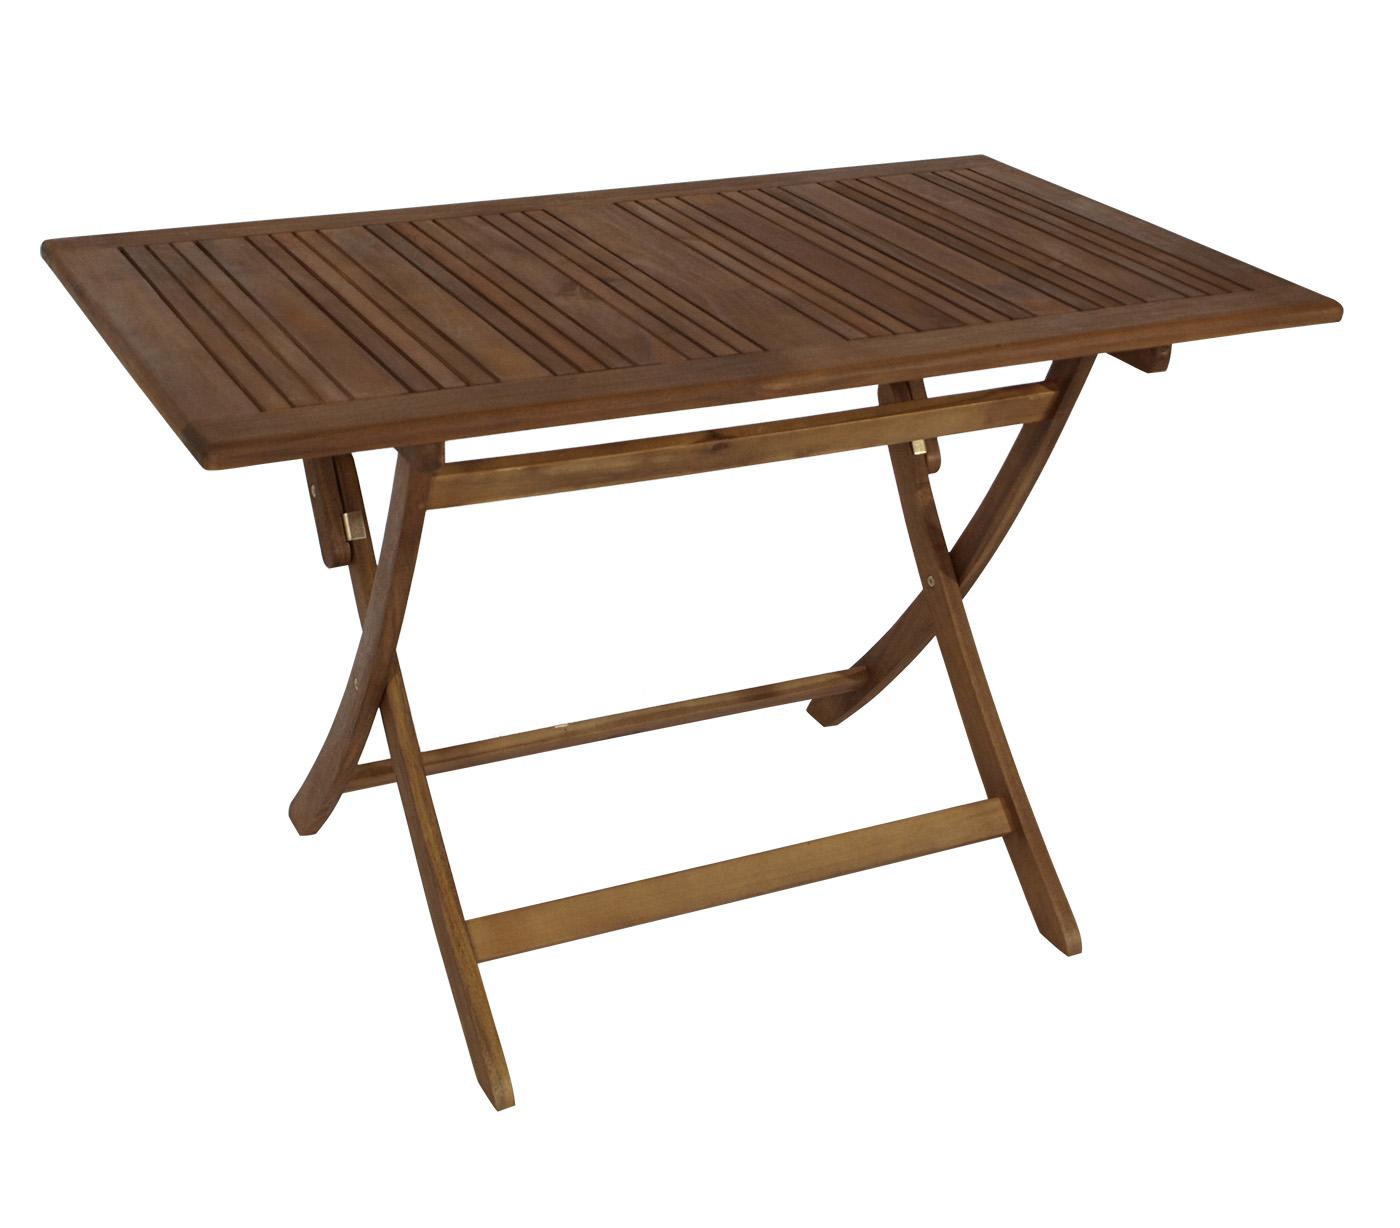 klapptisch maracana fsc akazienholz gartentisch garten terrasse balkon tisch ebay. Black Bedroom Furniture Sets. Home Design Ideas